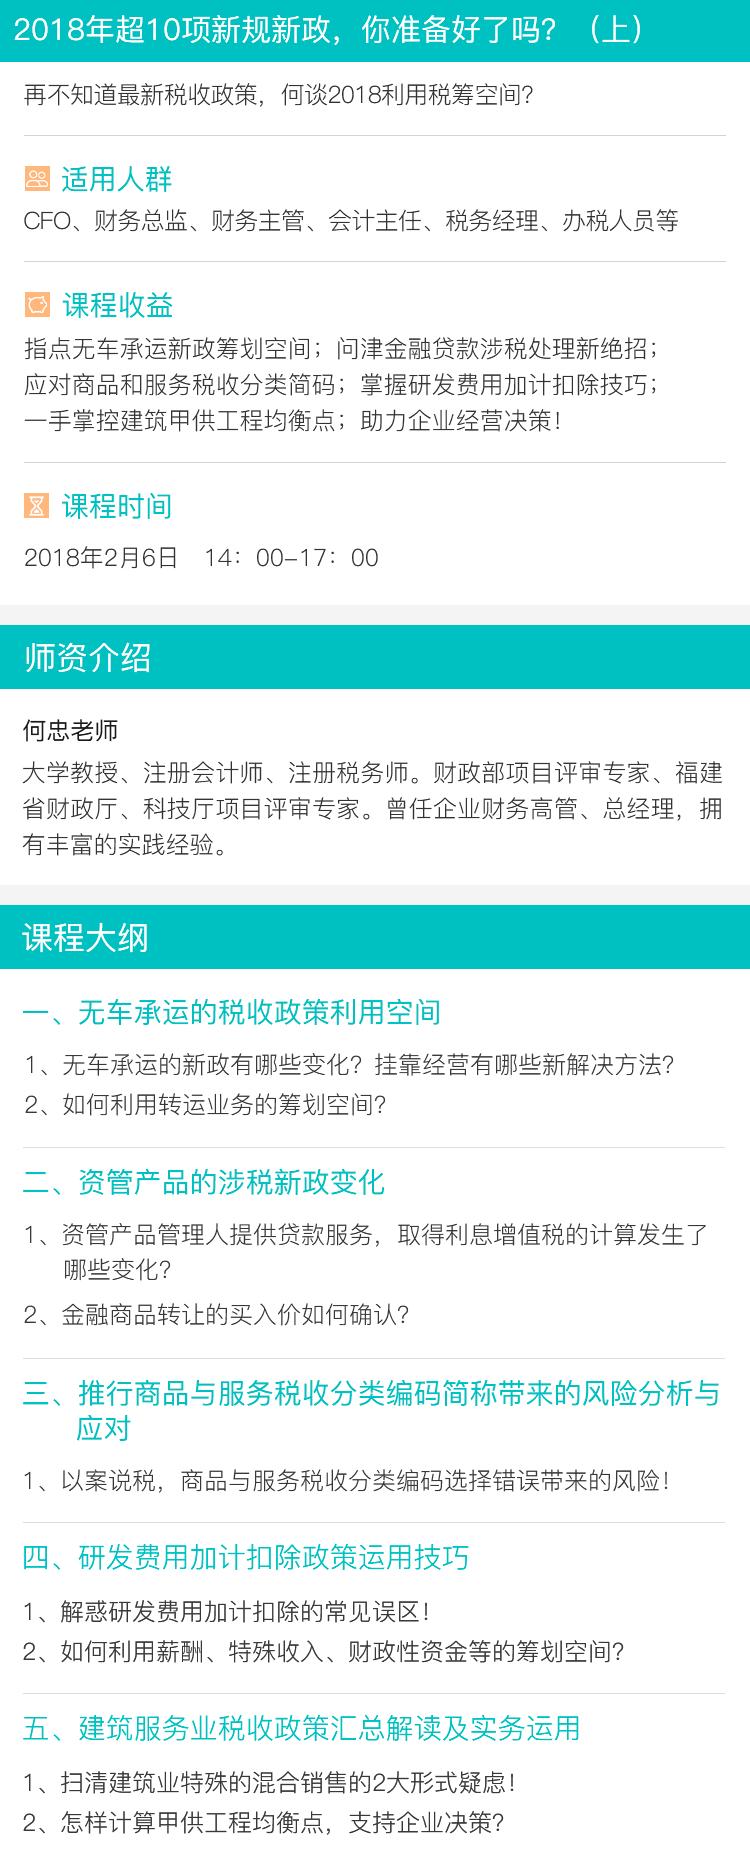 2月6日直播.jpg